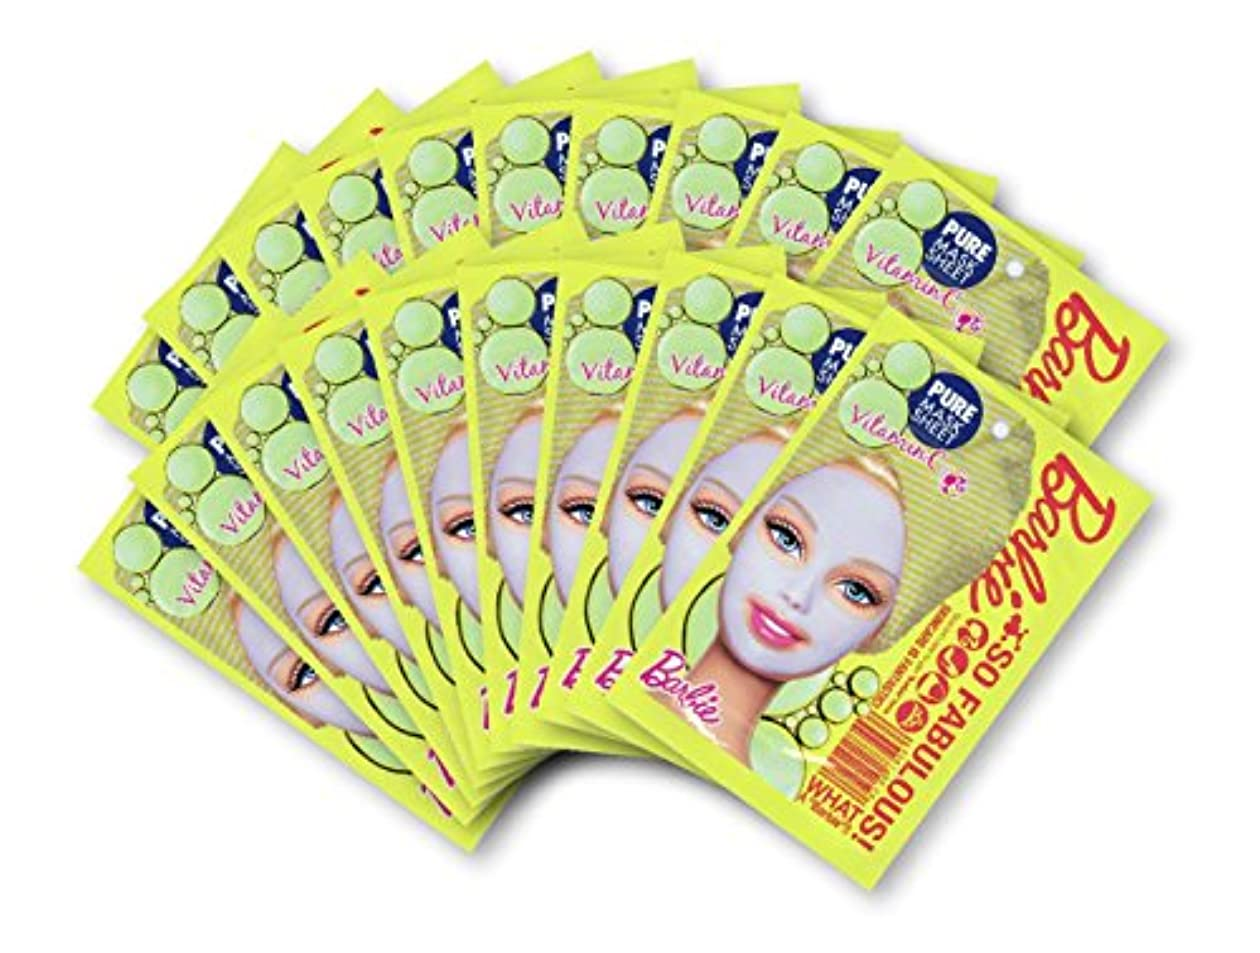 マークされた希望に満ちた高さバービー (Barbie) フェイスマスク ピュアマスクシートN (ビタミンC) 25ml×20枚入り [透明感] 顔 シートマスク フェイスパック